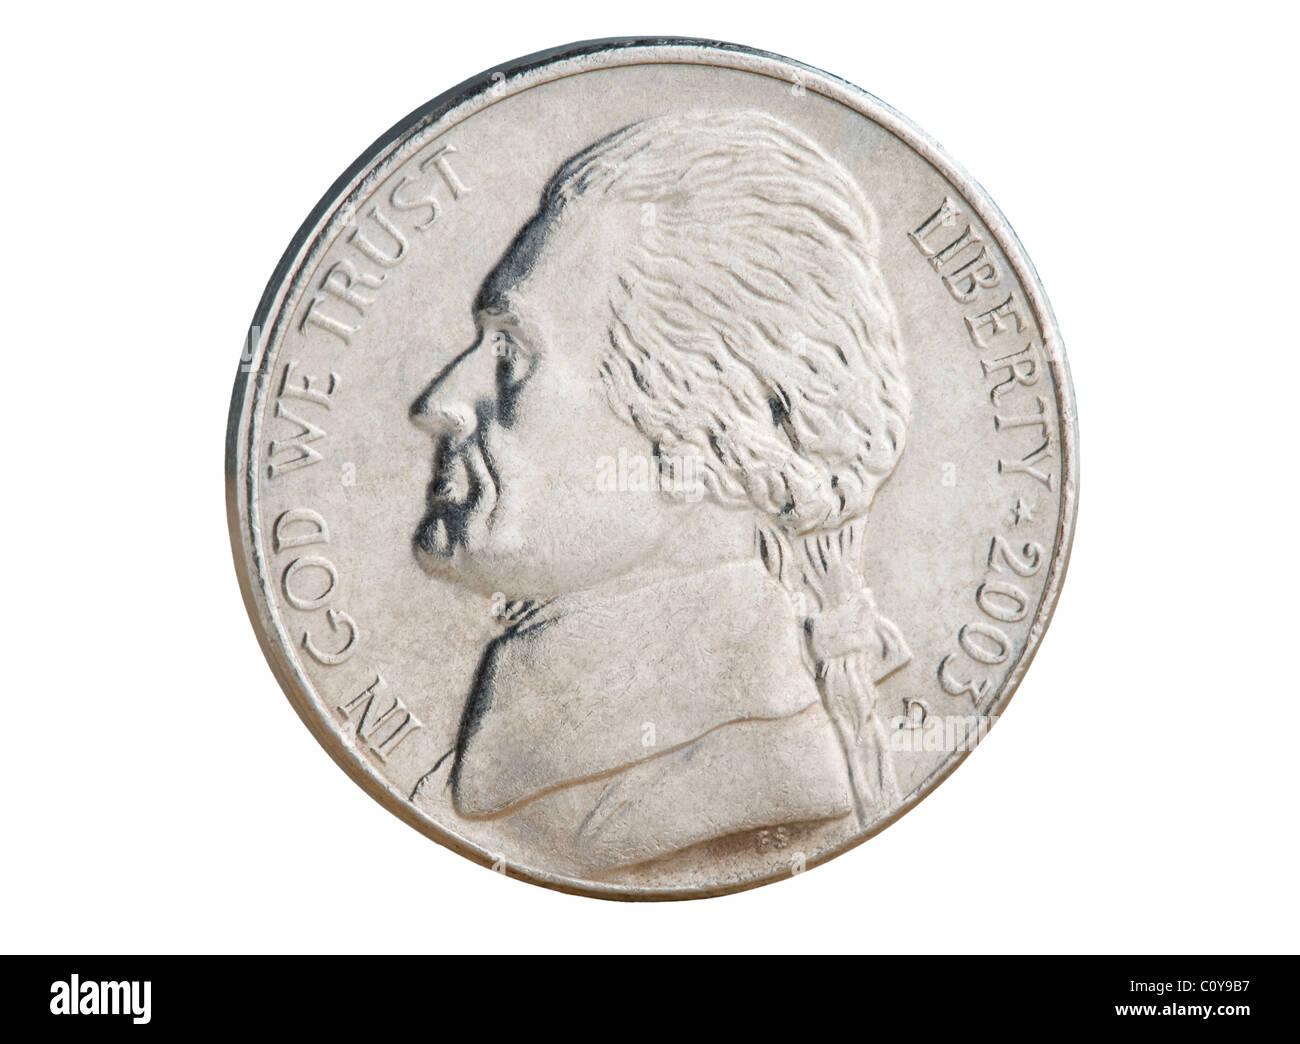 2010 Us Nickel Münze Der Nennwert Von 5 Cent Ist Jetzt Kleiner Als